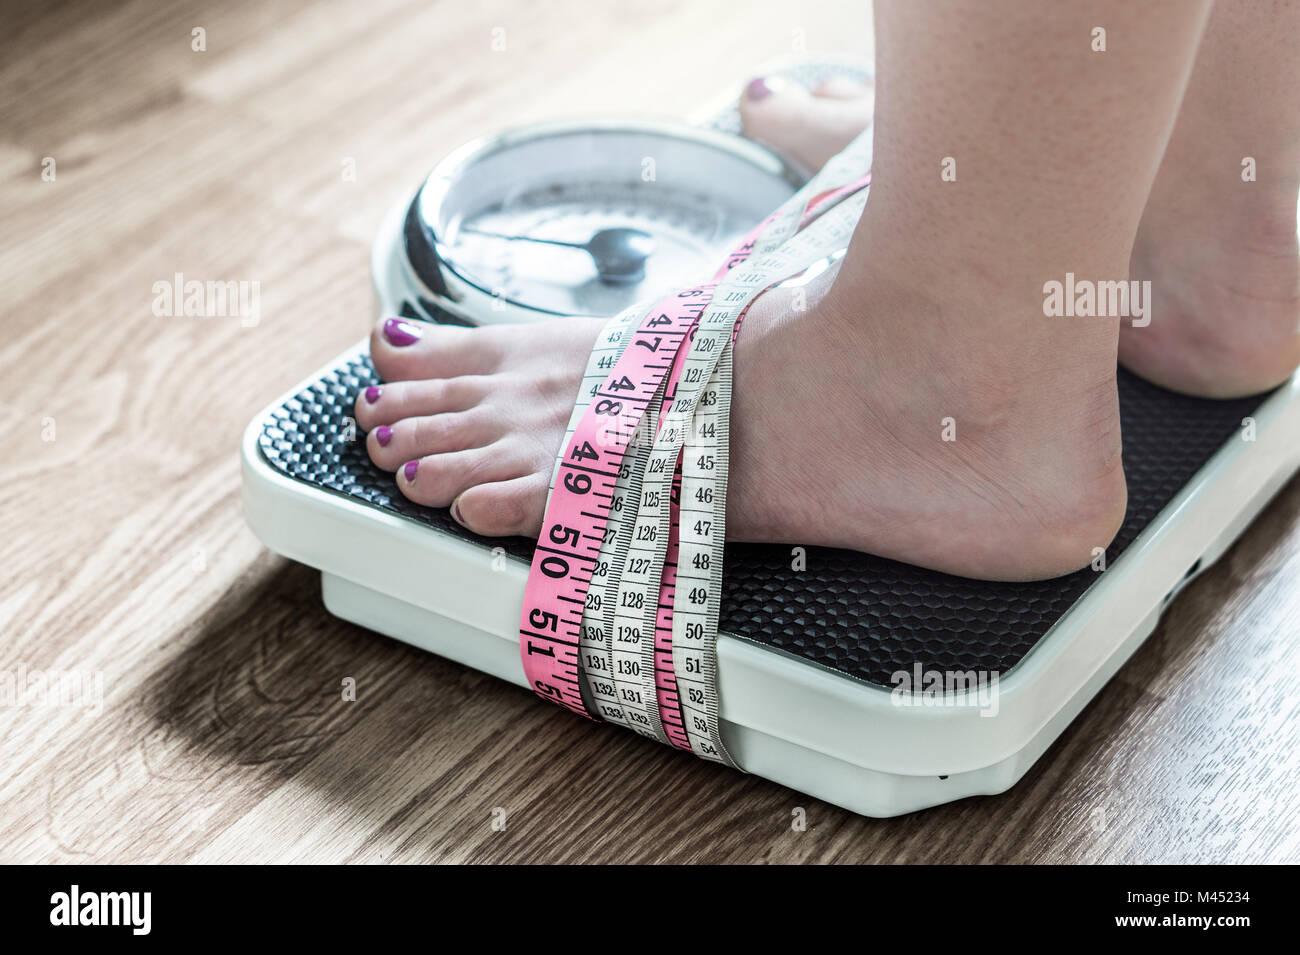 Füße gefesselt mit Maßband, eine Waage. Sucht und Besessenheit zur Gewichtsabnahme. Magersucht und Stockbild